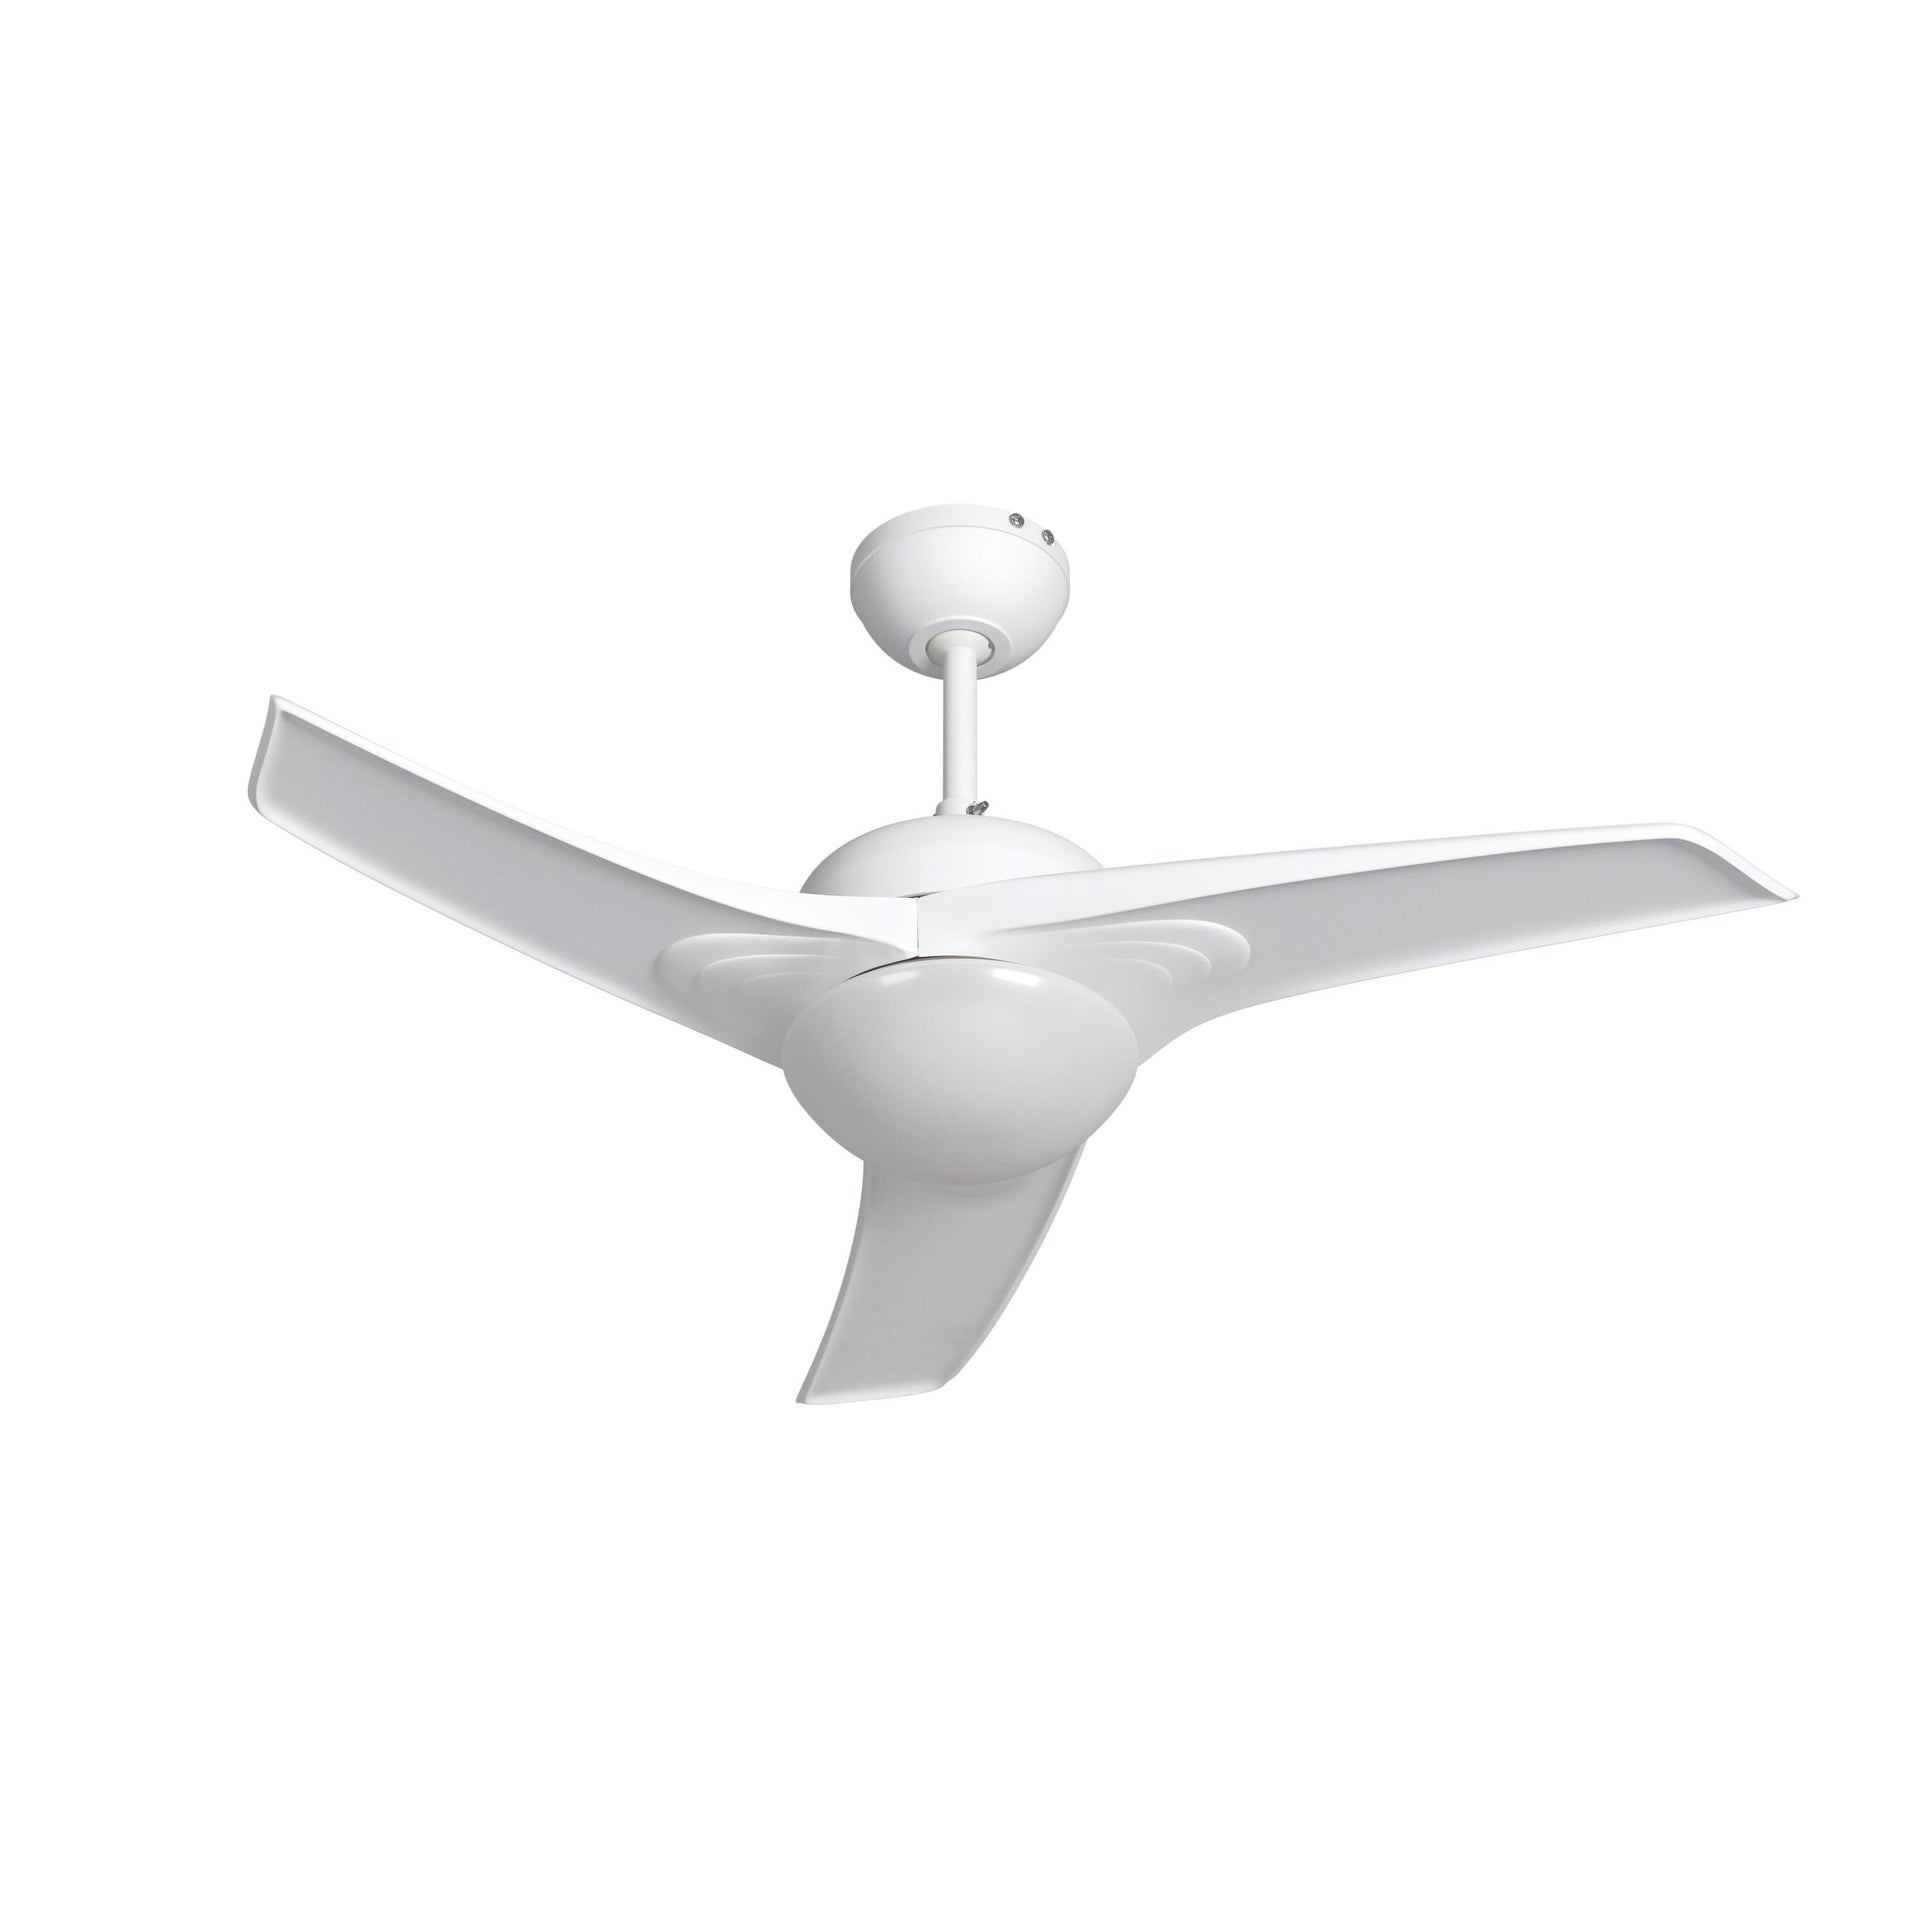 Ventilatore da soffitto Aruba, bianco, D. 112 cm , con telecomando INSPIRE - 3